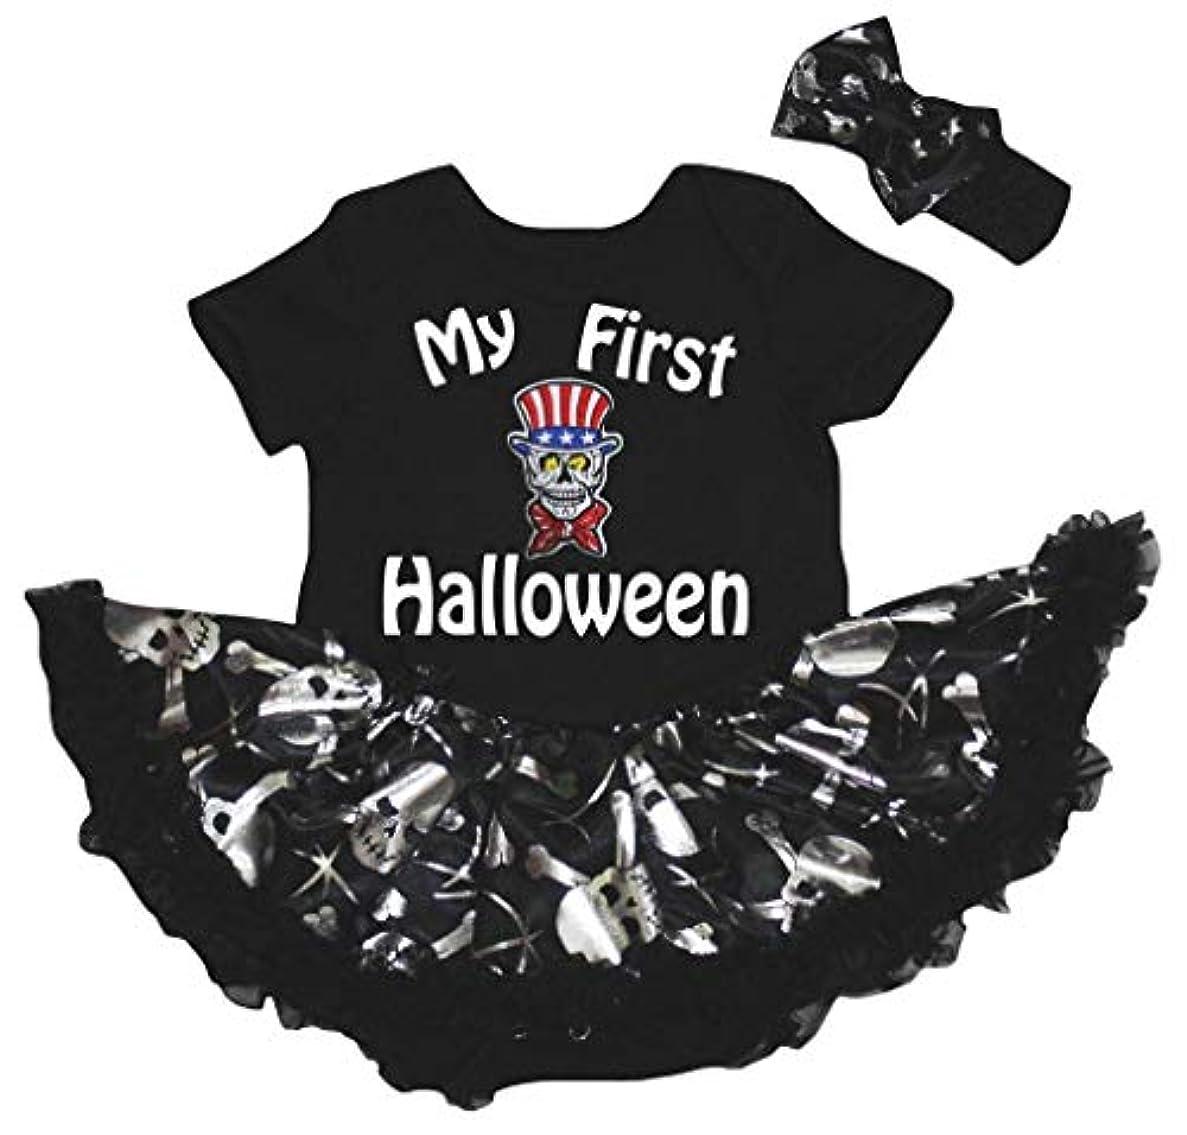 有効化無数のバン[キッズコーナー] ハロウィン My First Halloween シルバースカル 子供ボディスーツ、子供のチュチュ、ベビー服、女の子のワンピースドレス Nb-18m (ブラック, Small) [並行輸入品]